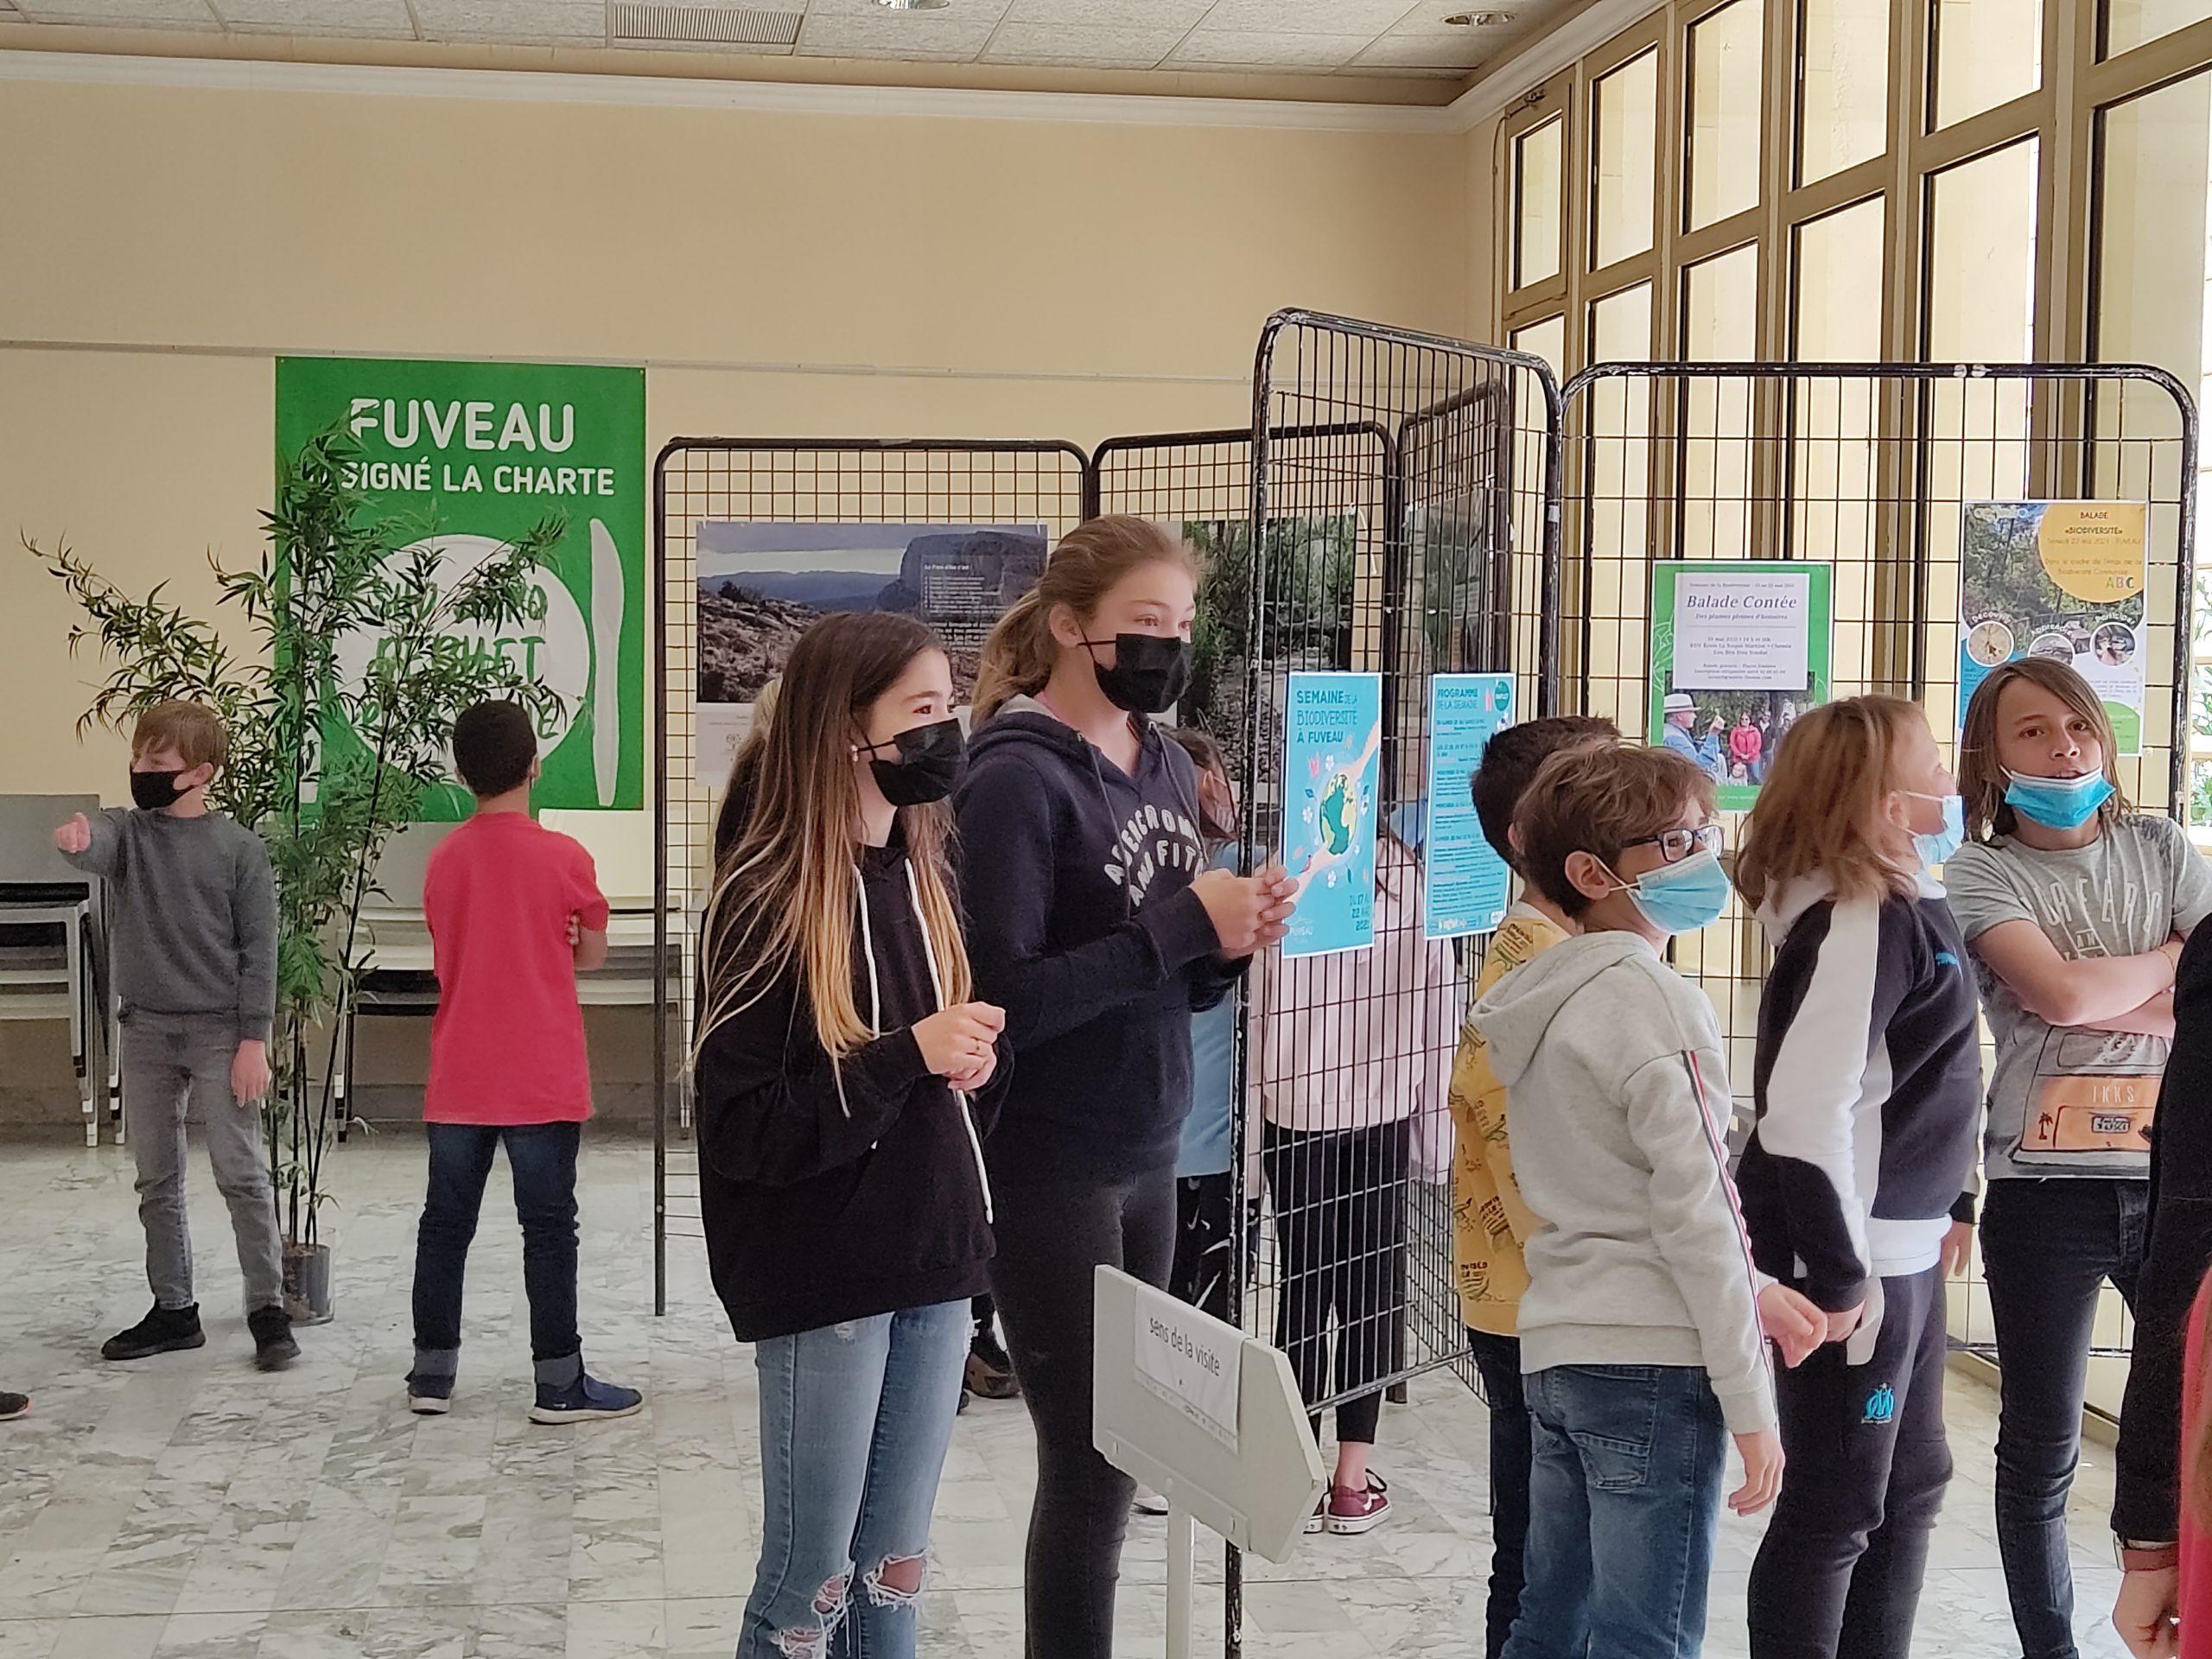 ecoles sainte marie fuveau biodiversité expo 5